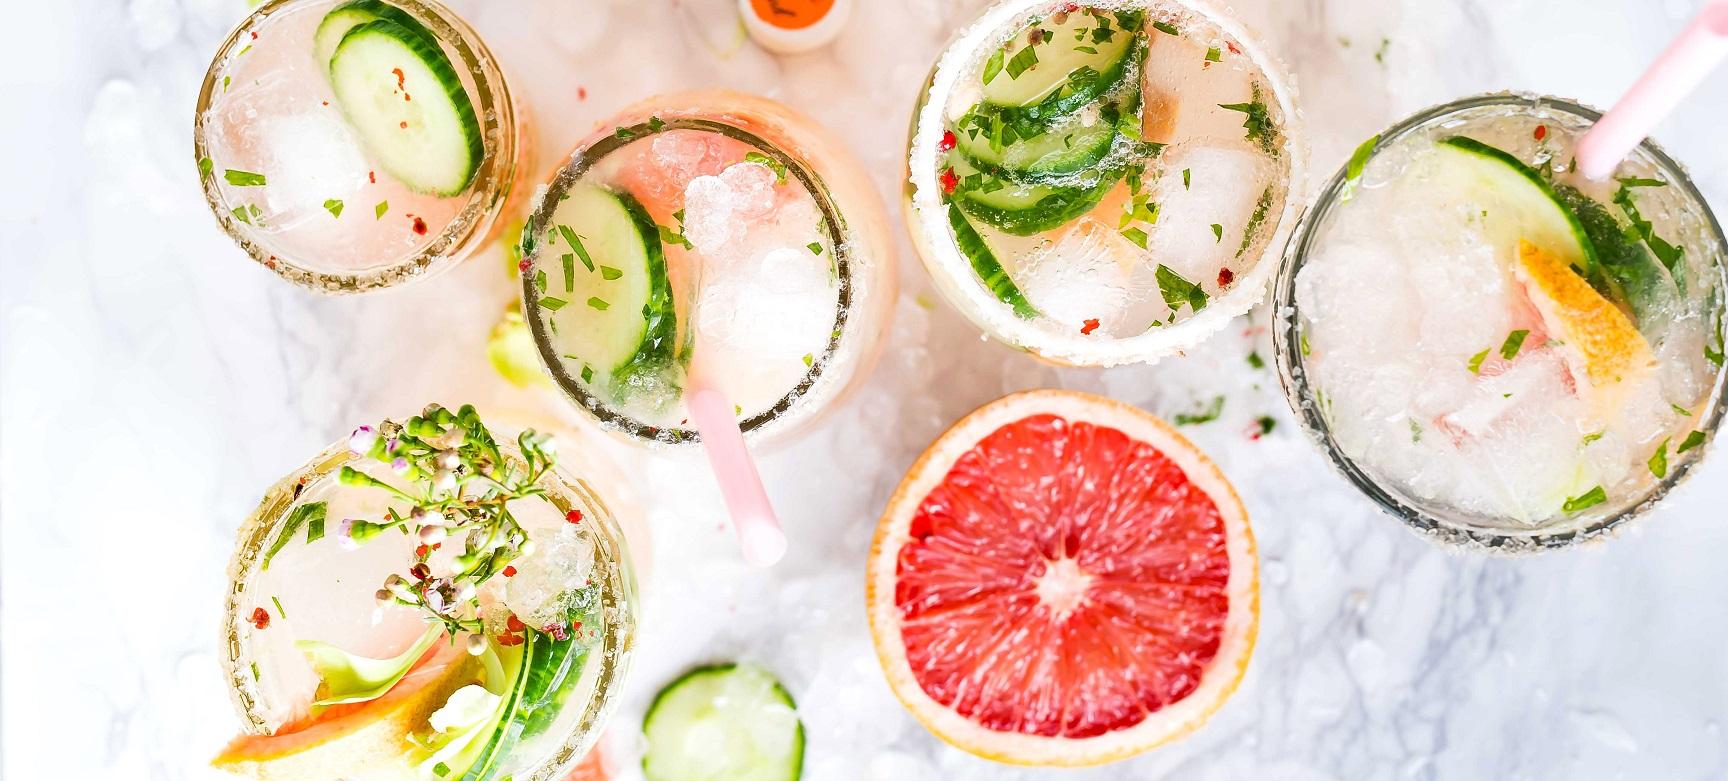 Les boissons sucrées sont à éviter pour votre bonne santé